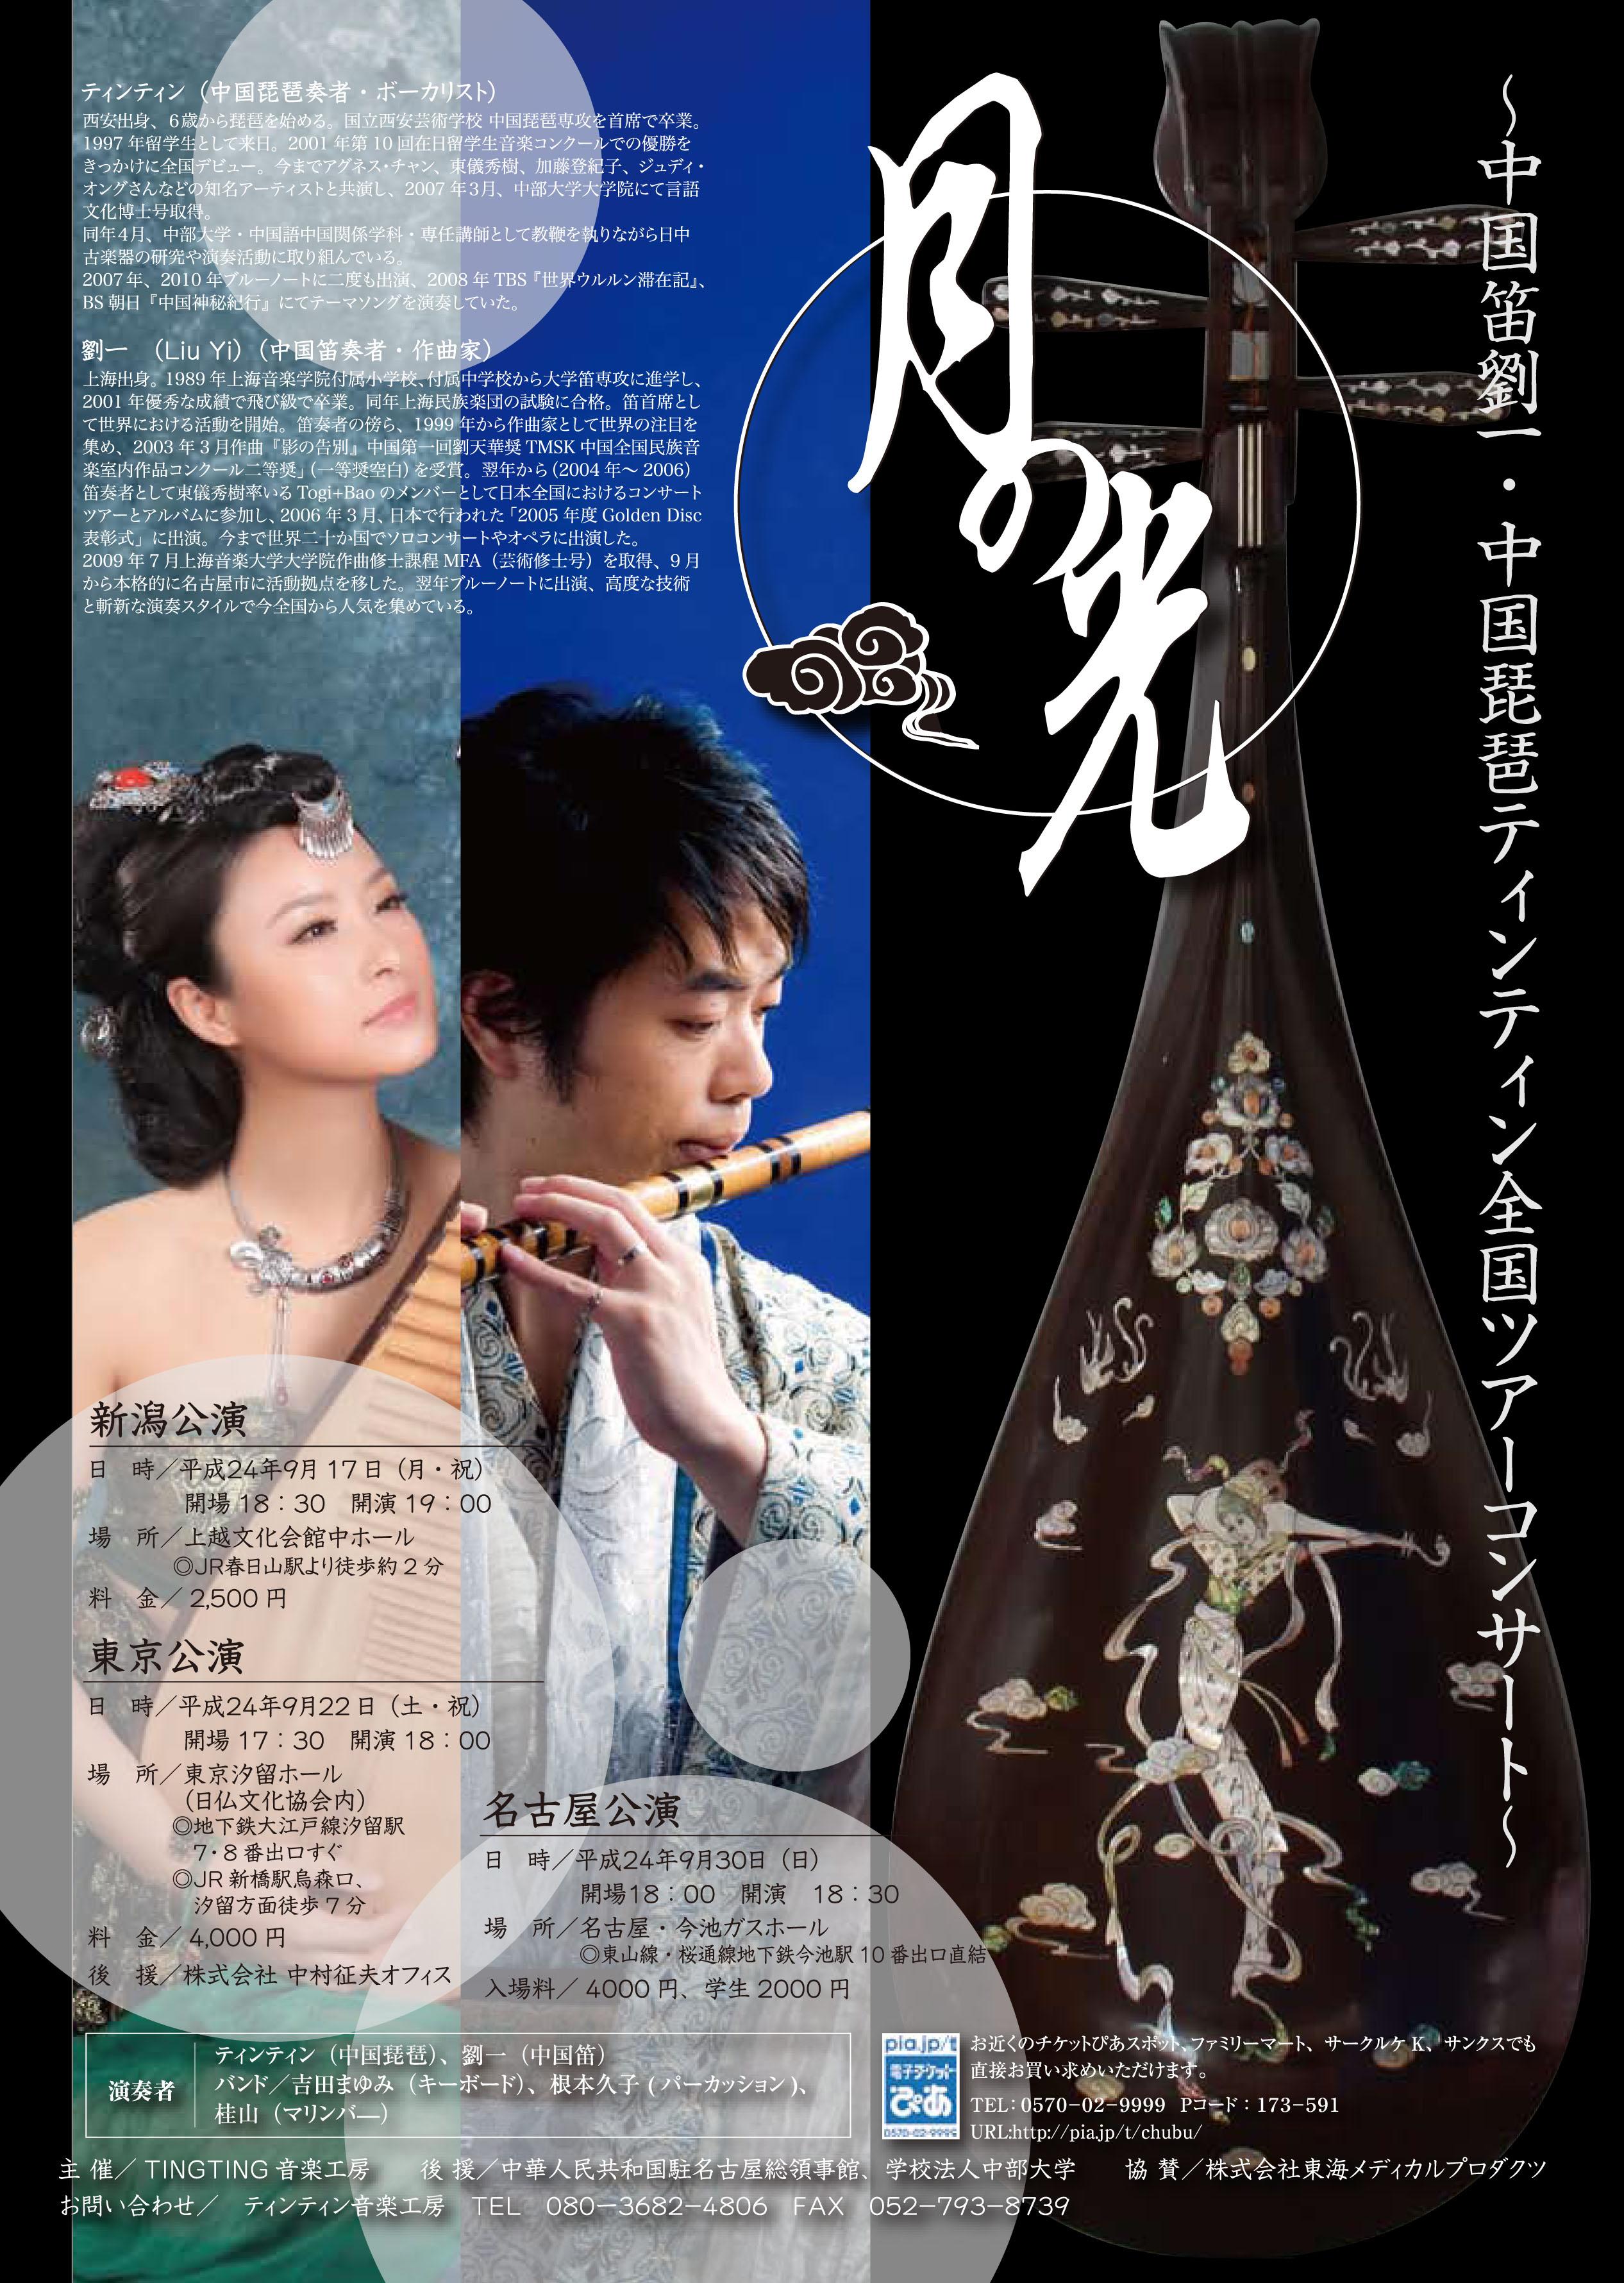 2013年「月光コンサート」